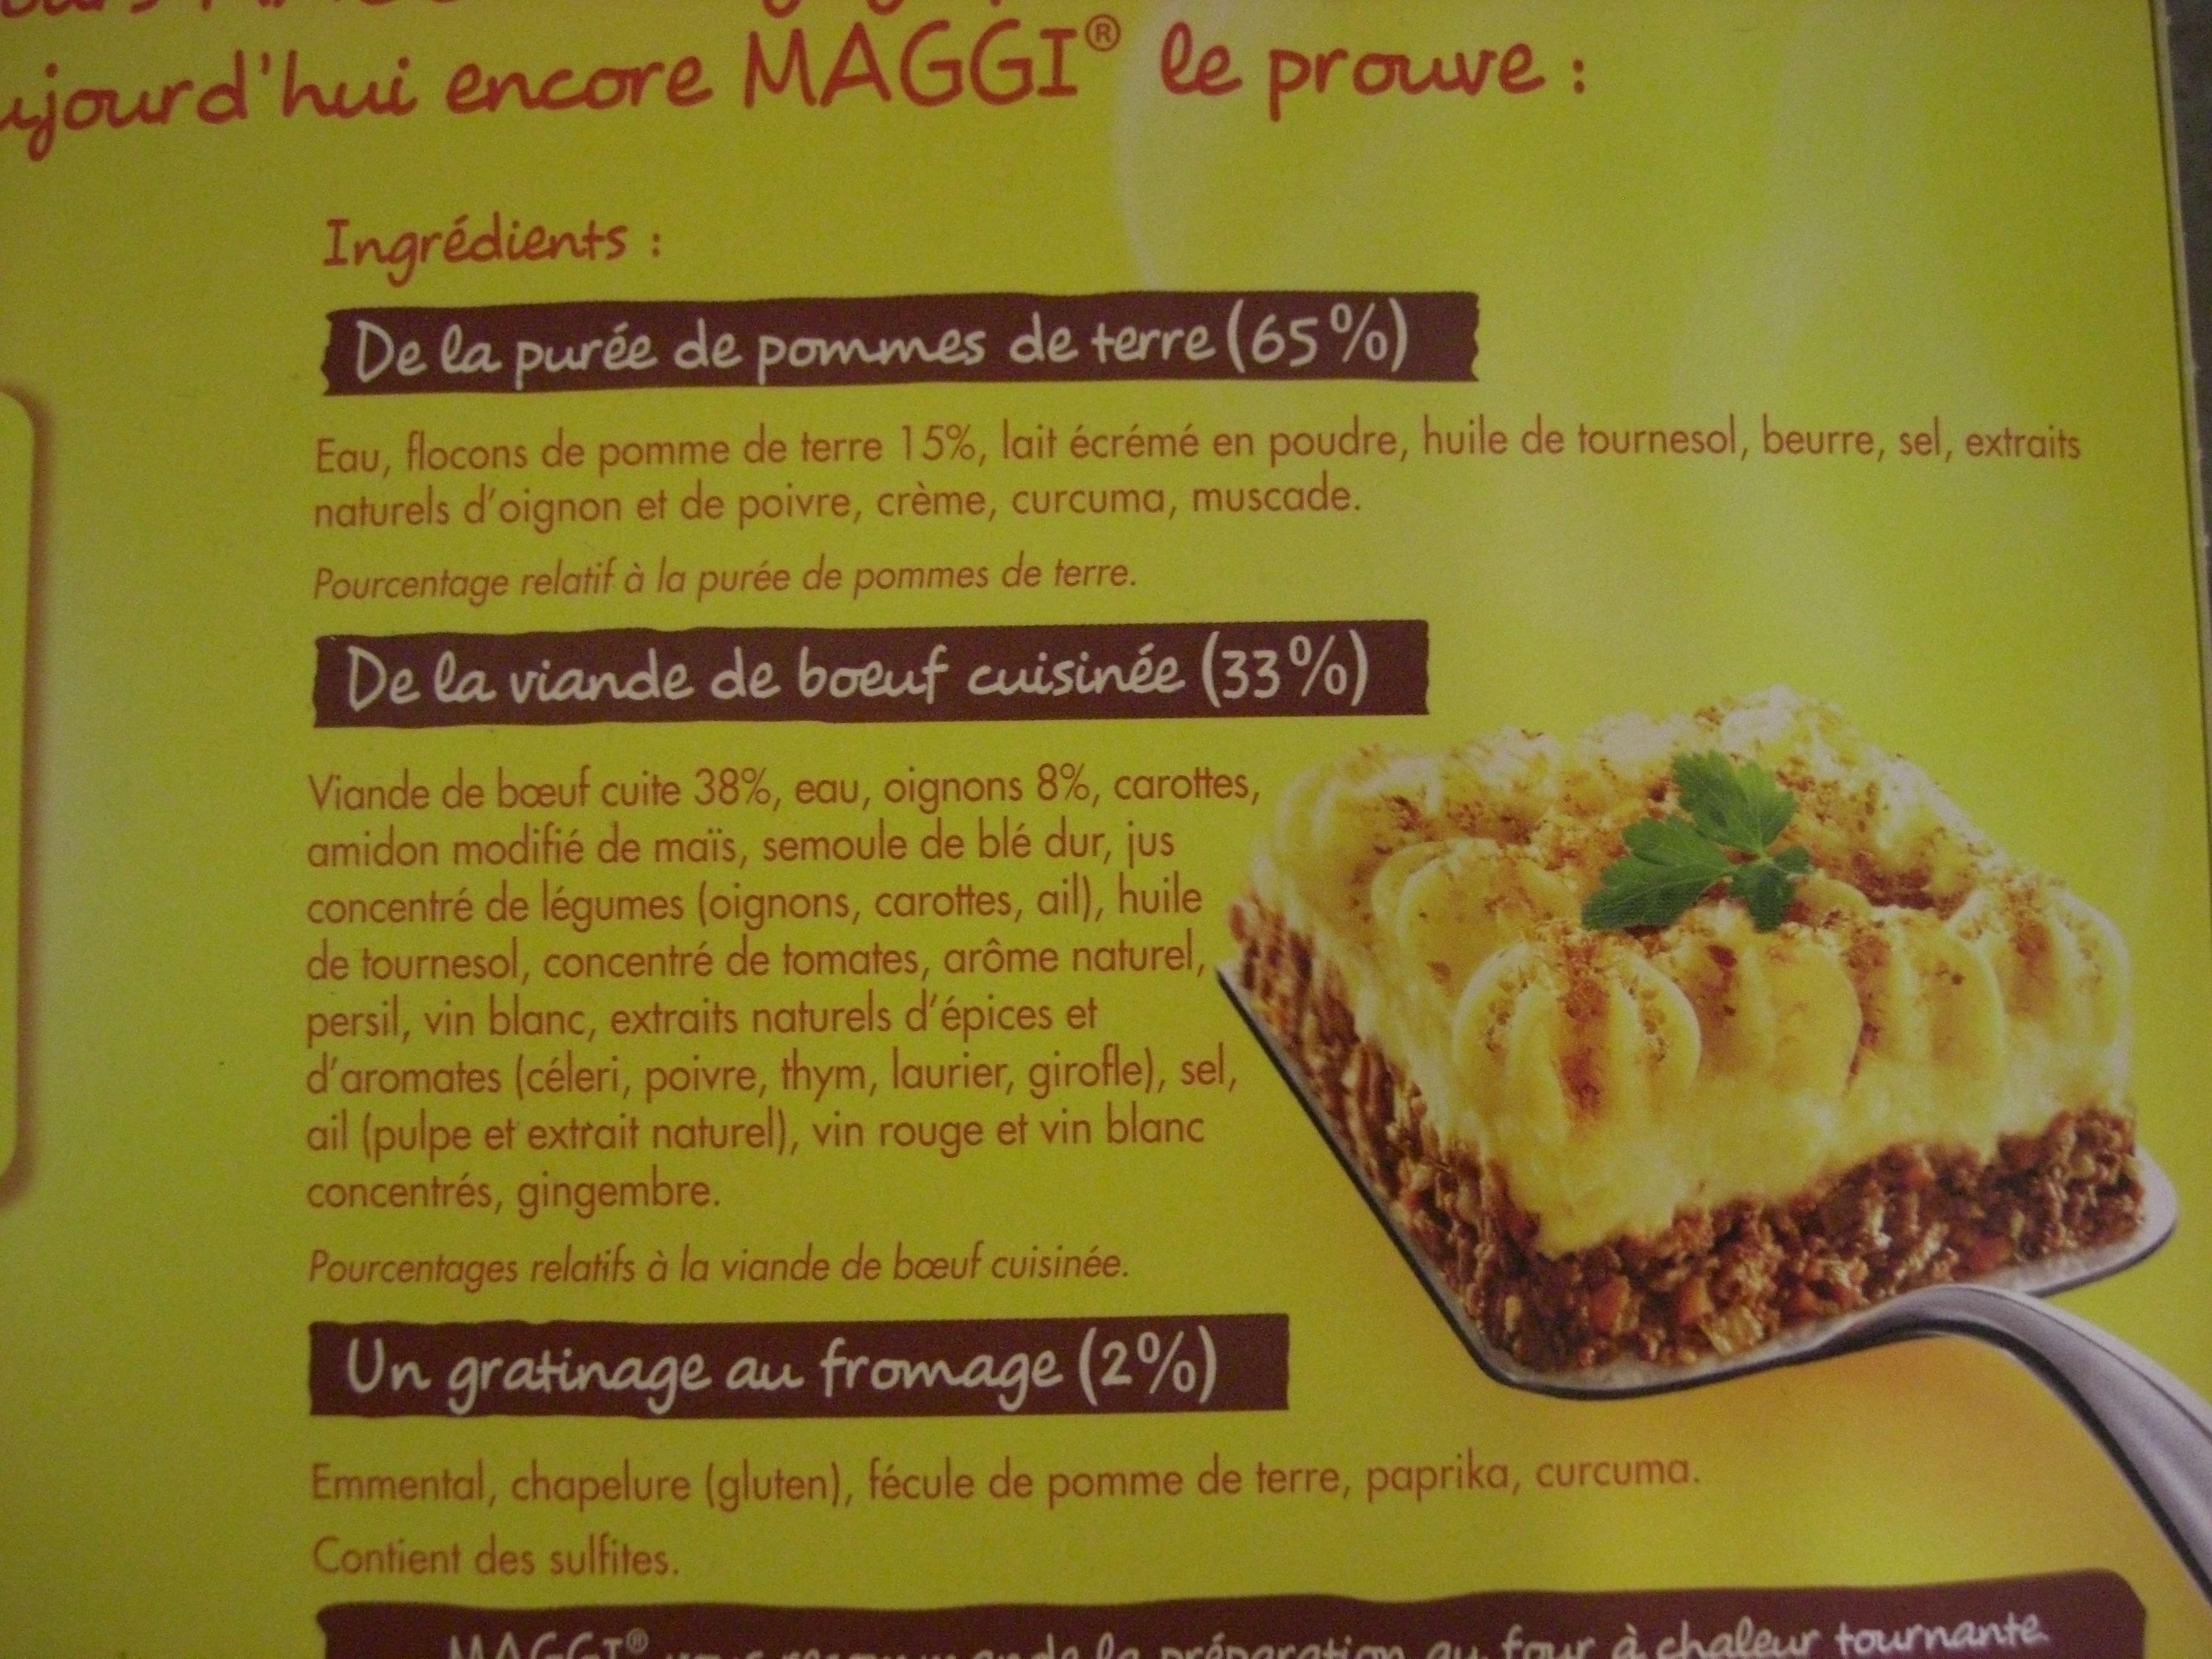 Hachis Parmentier - 1 kg - Maggi - Ingrédients - fr